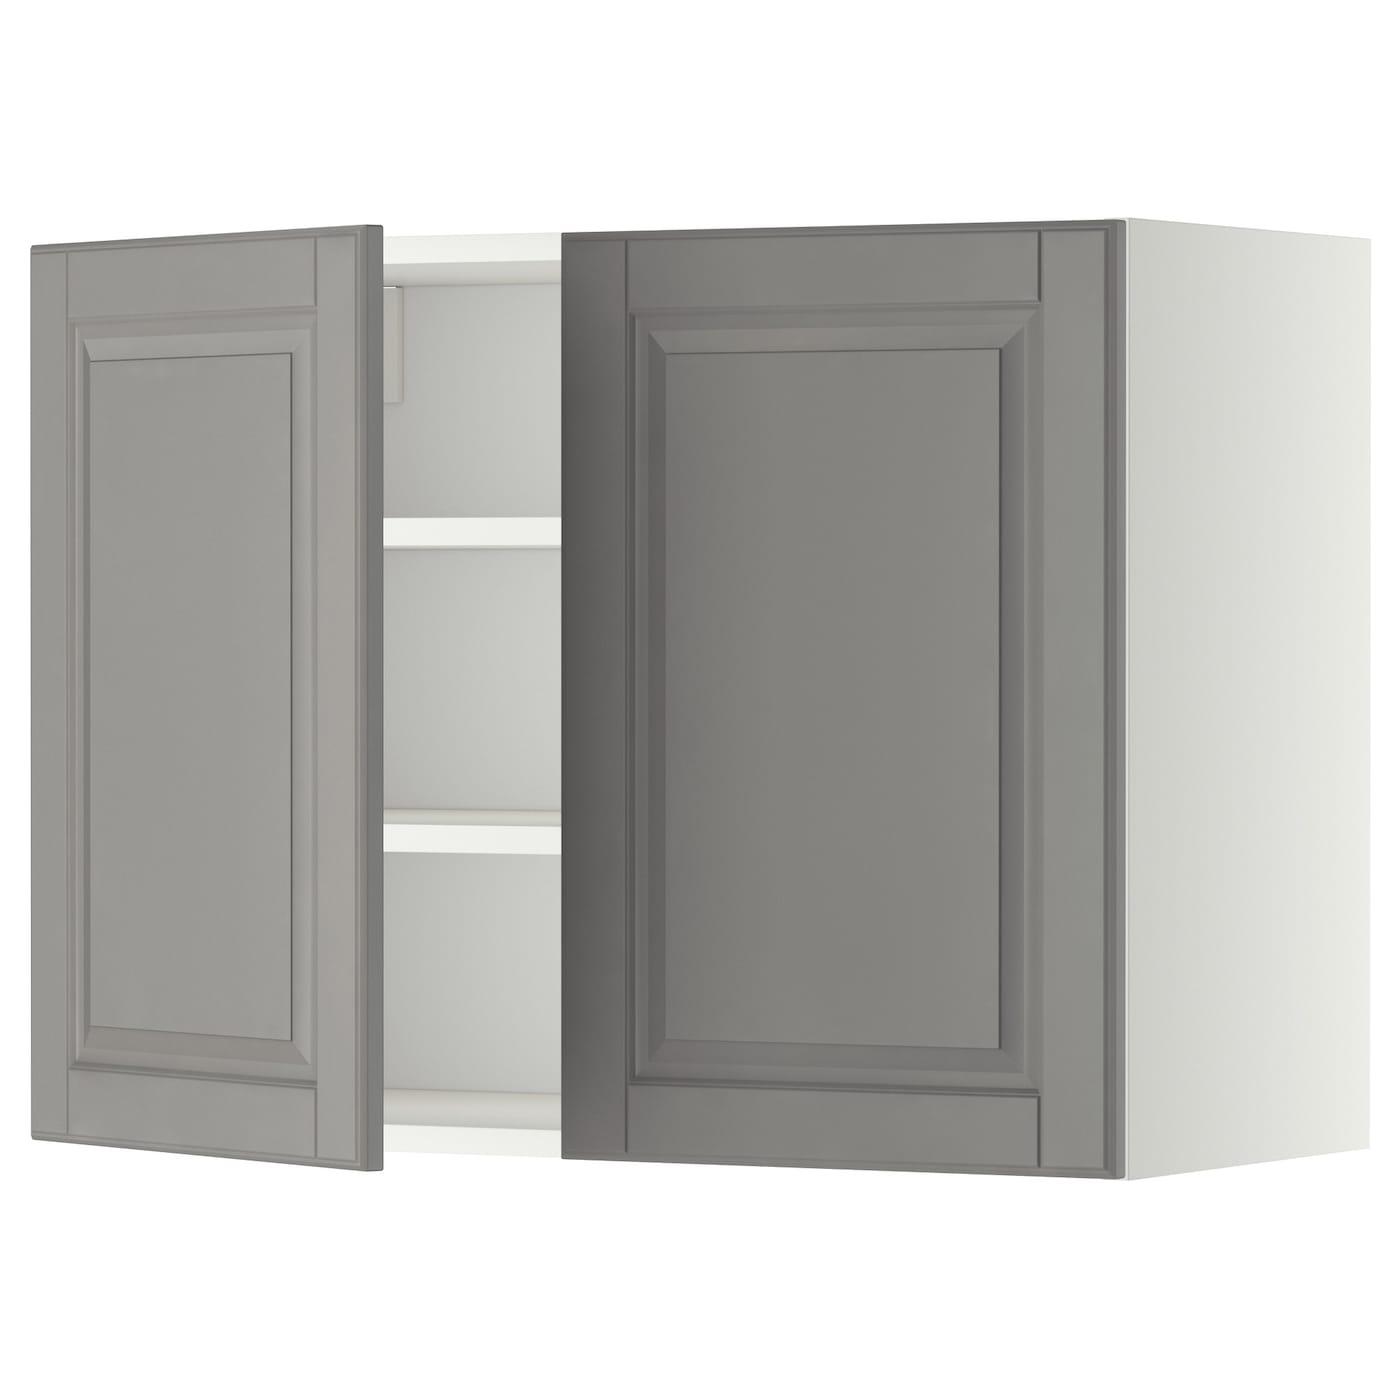 Metod armario de pared cocina con baldas blanco bodbyn - Ikea baldas cocina ...